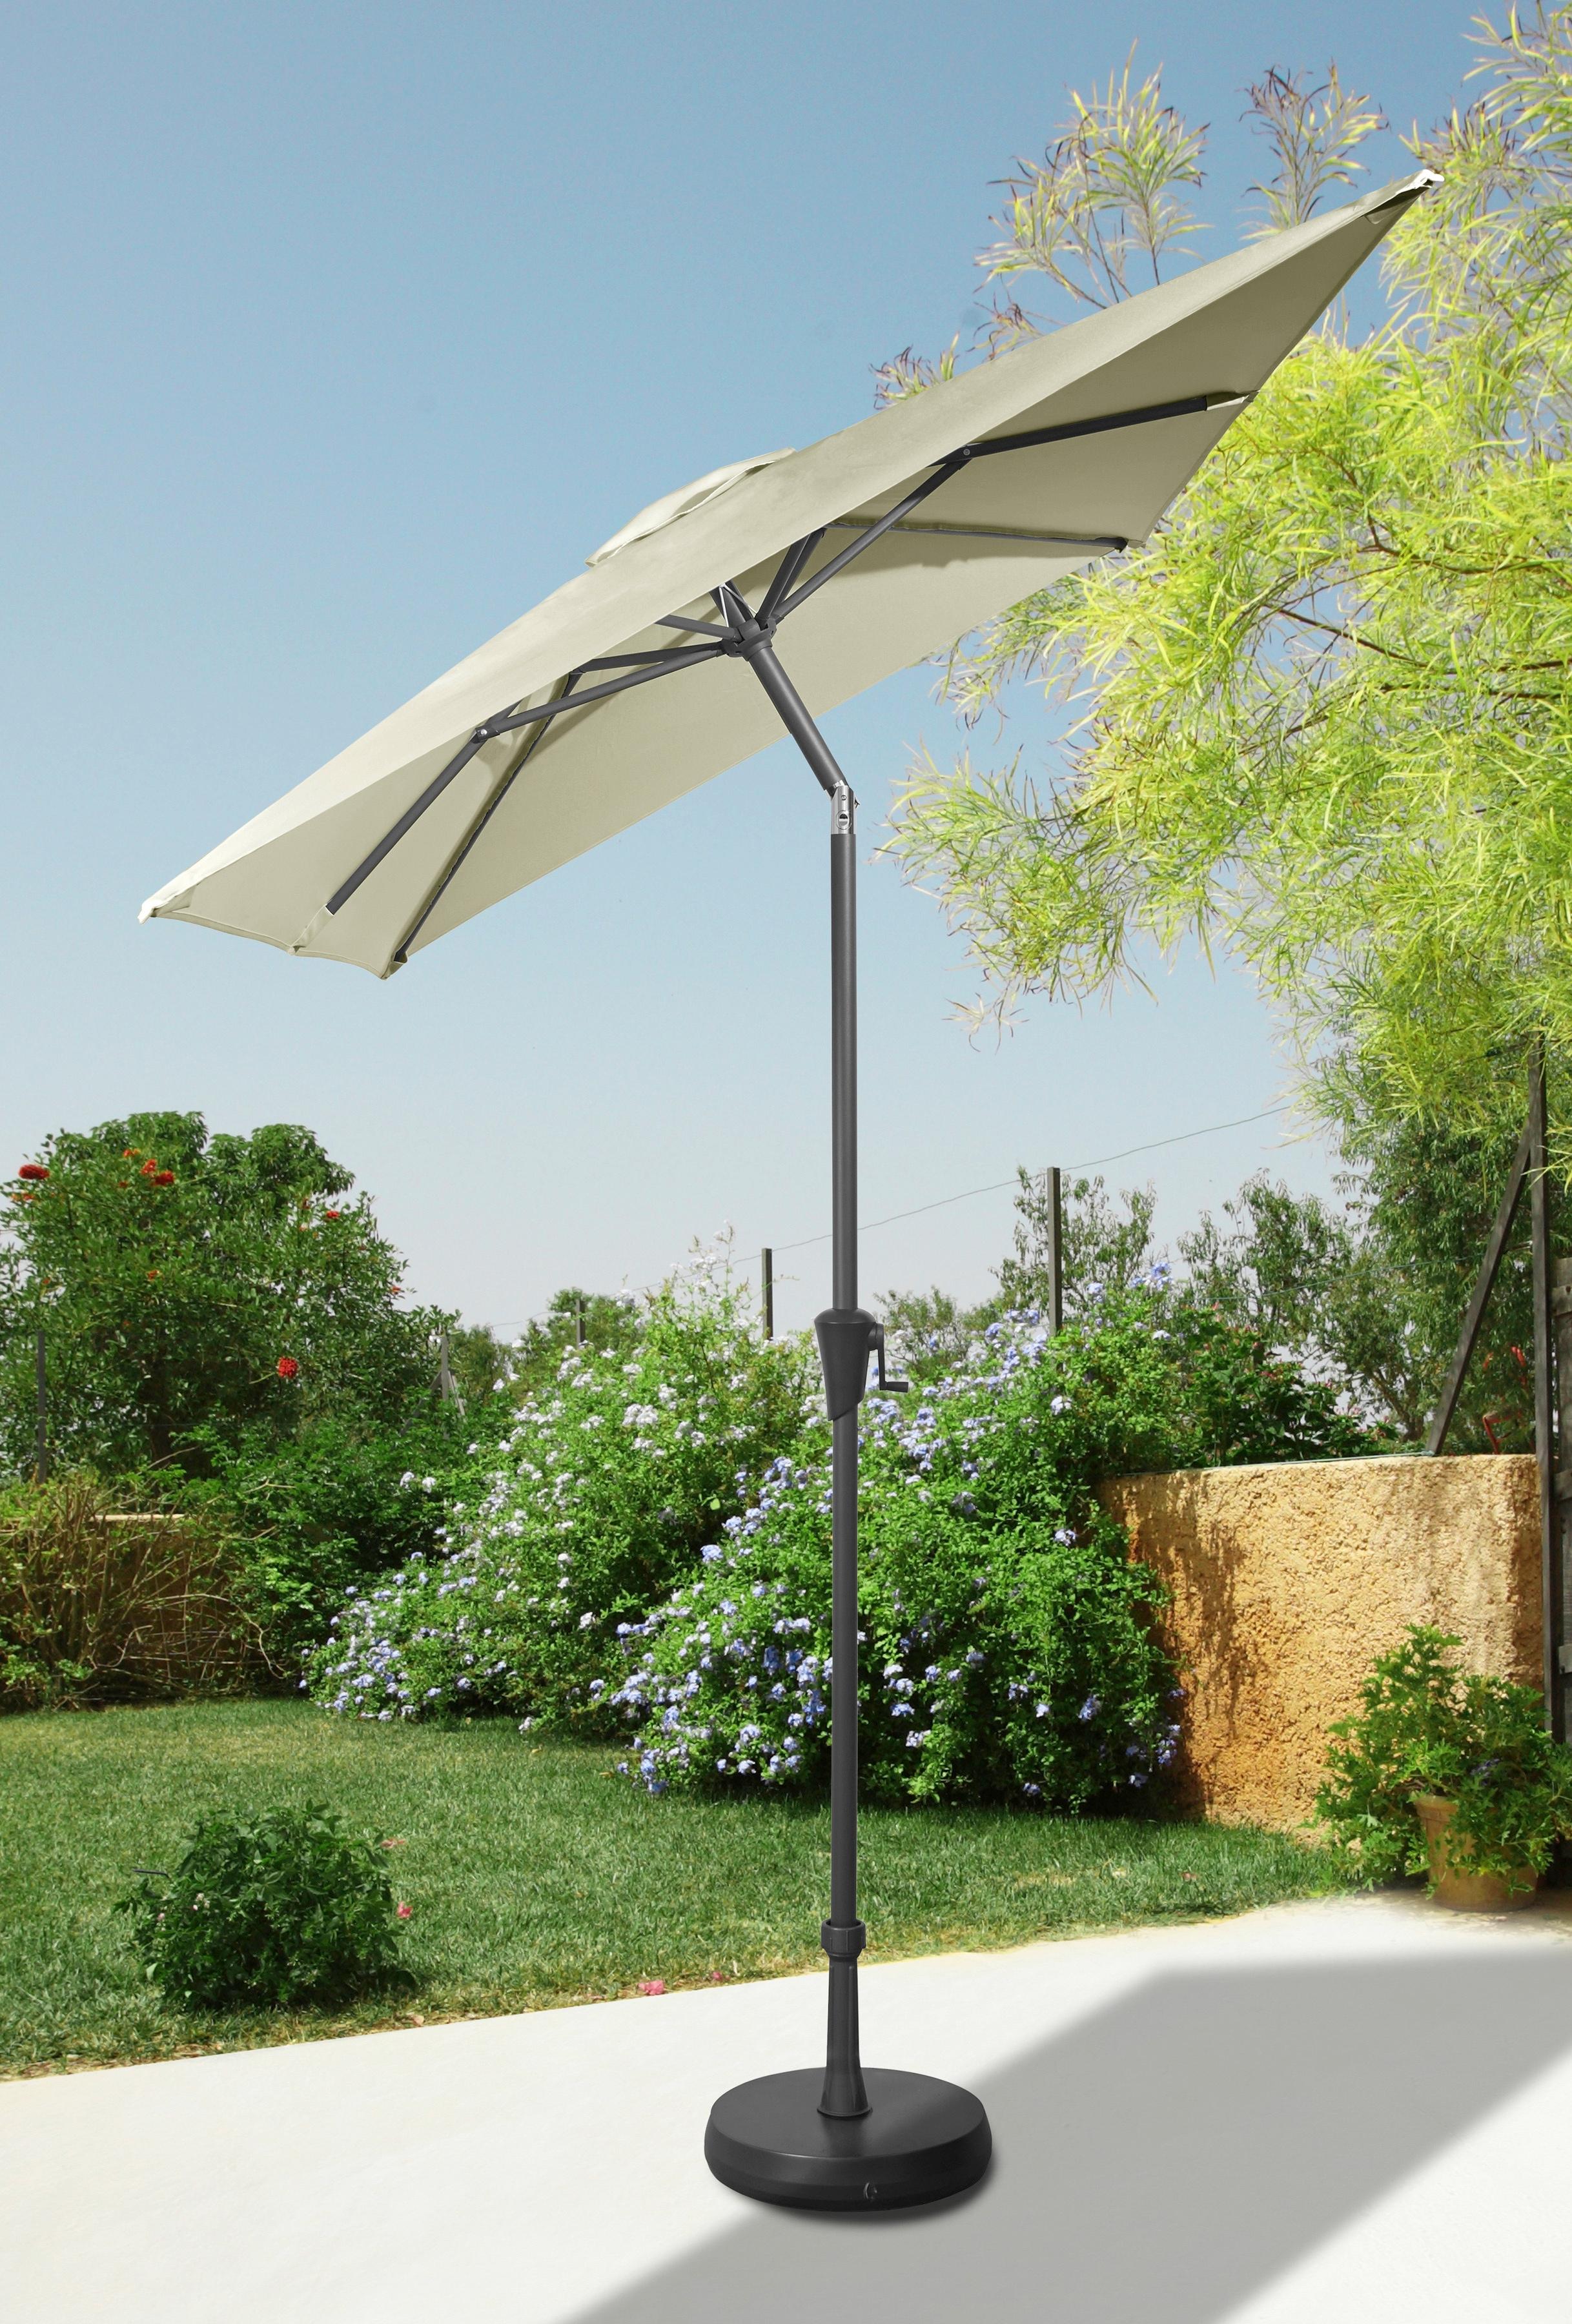 garten gut Sonnenschirm, abknickbar, ohne Schirmständer beige Sonnenschirme -segel Gartenmöbel Gartendeko Sonnenschirm